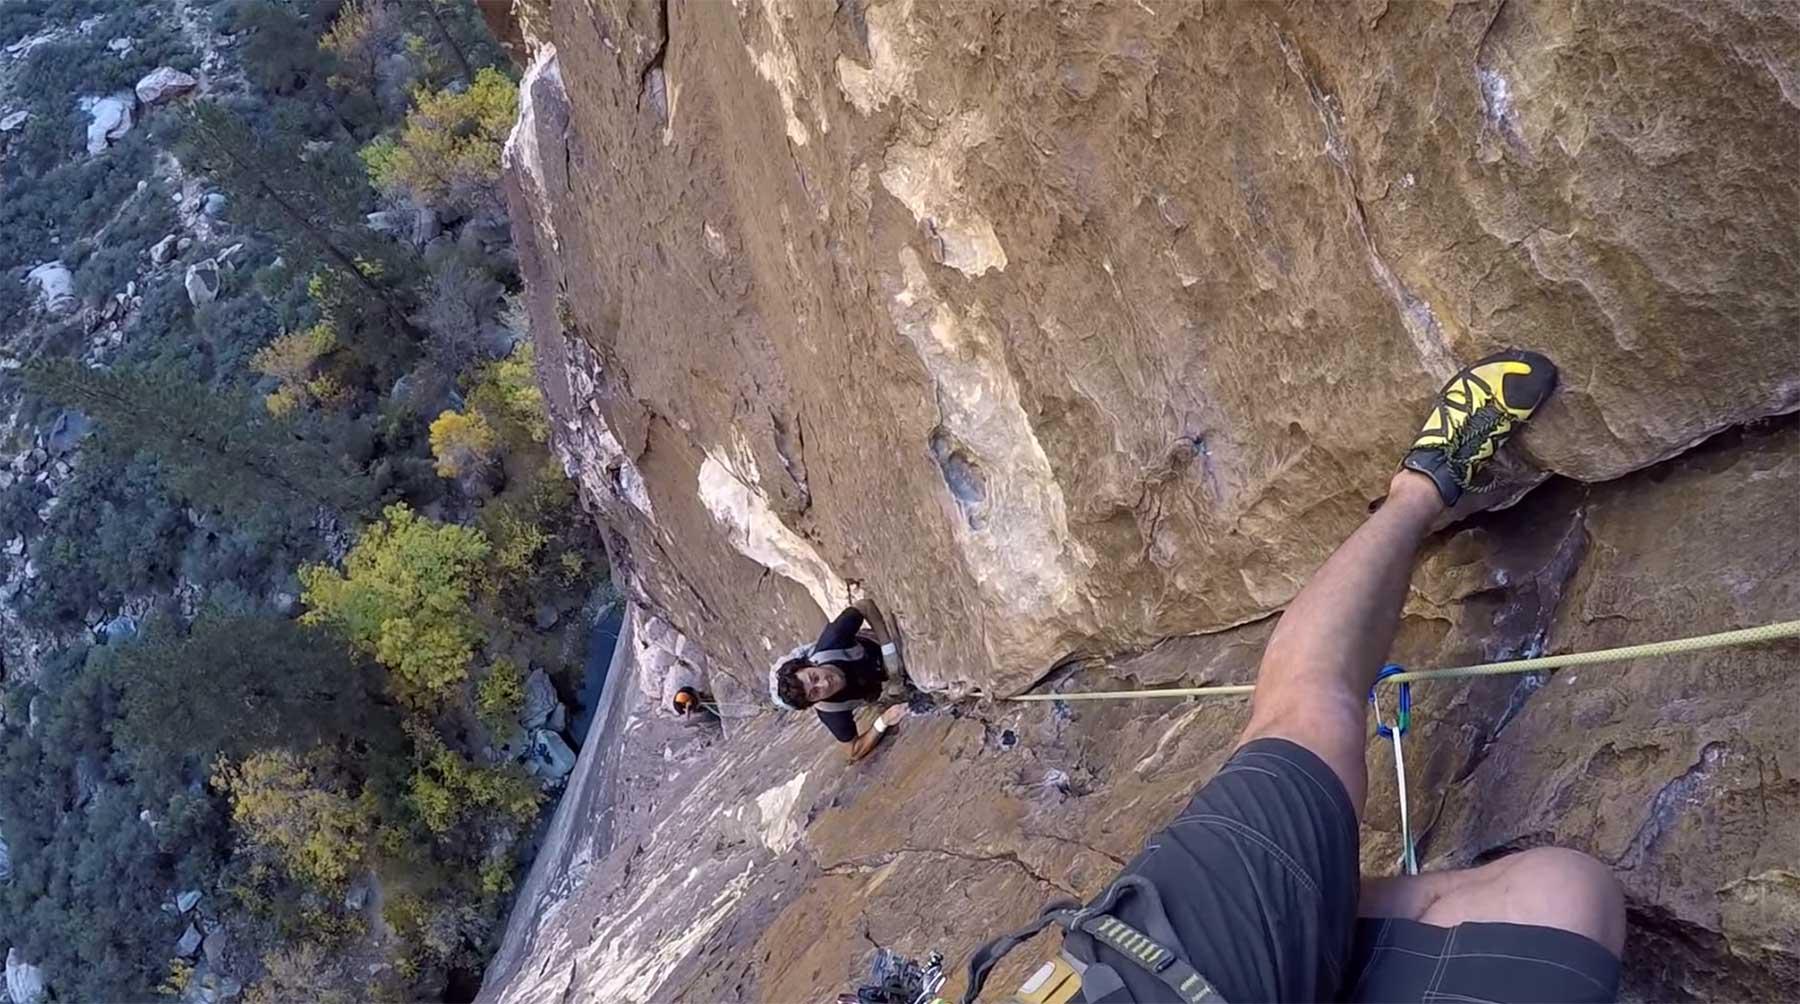 Freeclimber überholt Kletterer in schwindelerregender Höhe